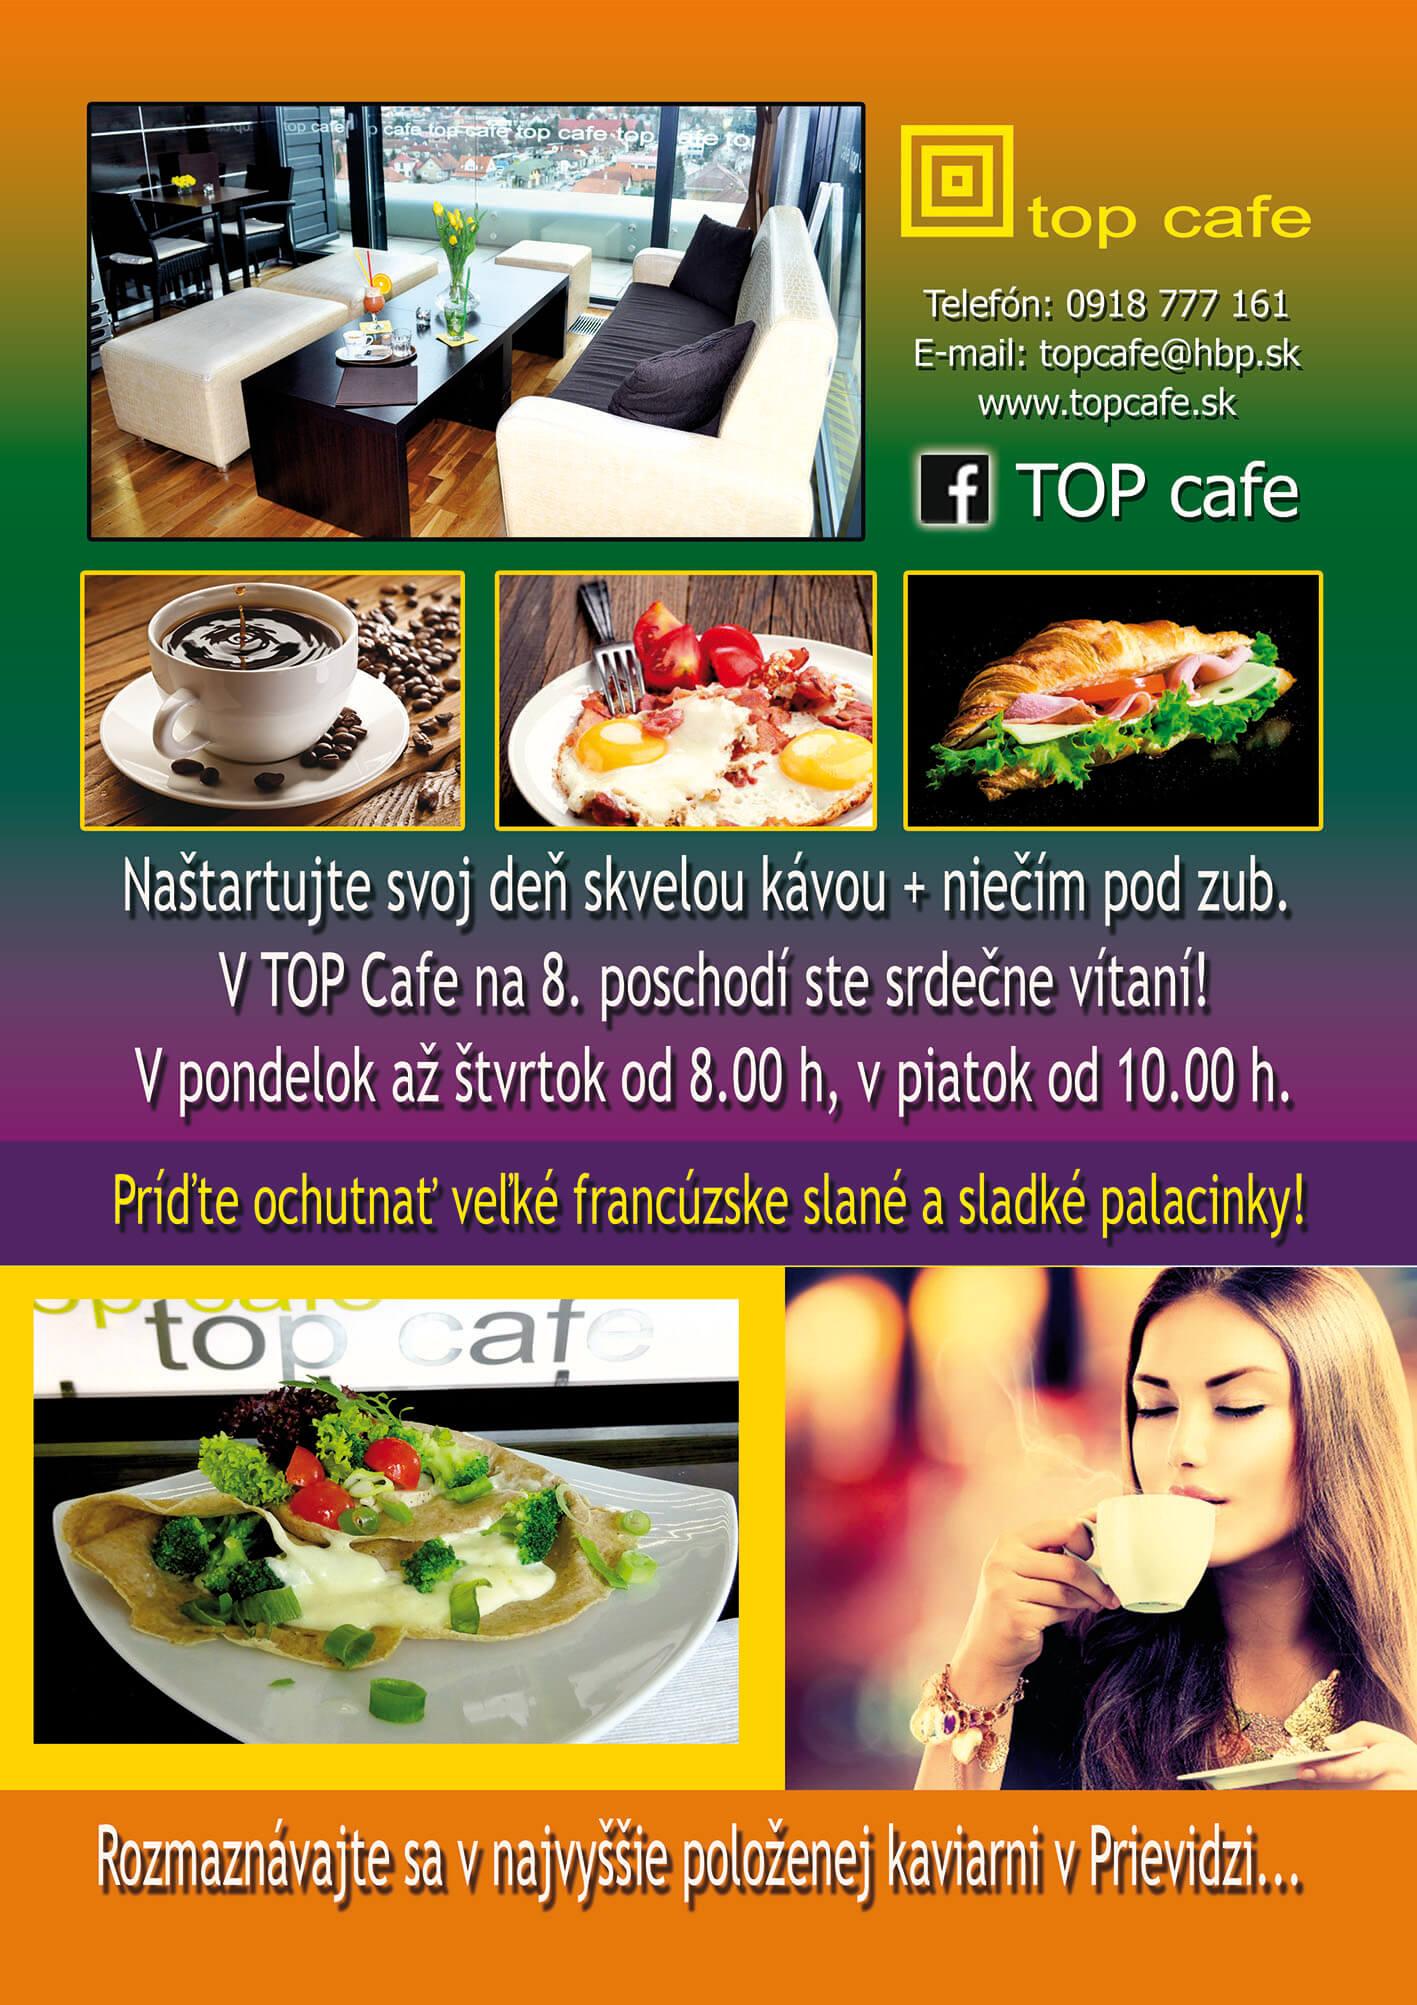 TOP CAFE Prievidza